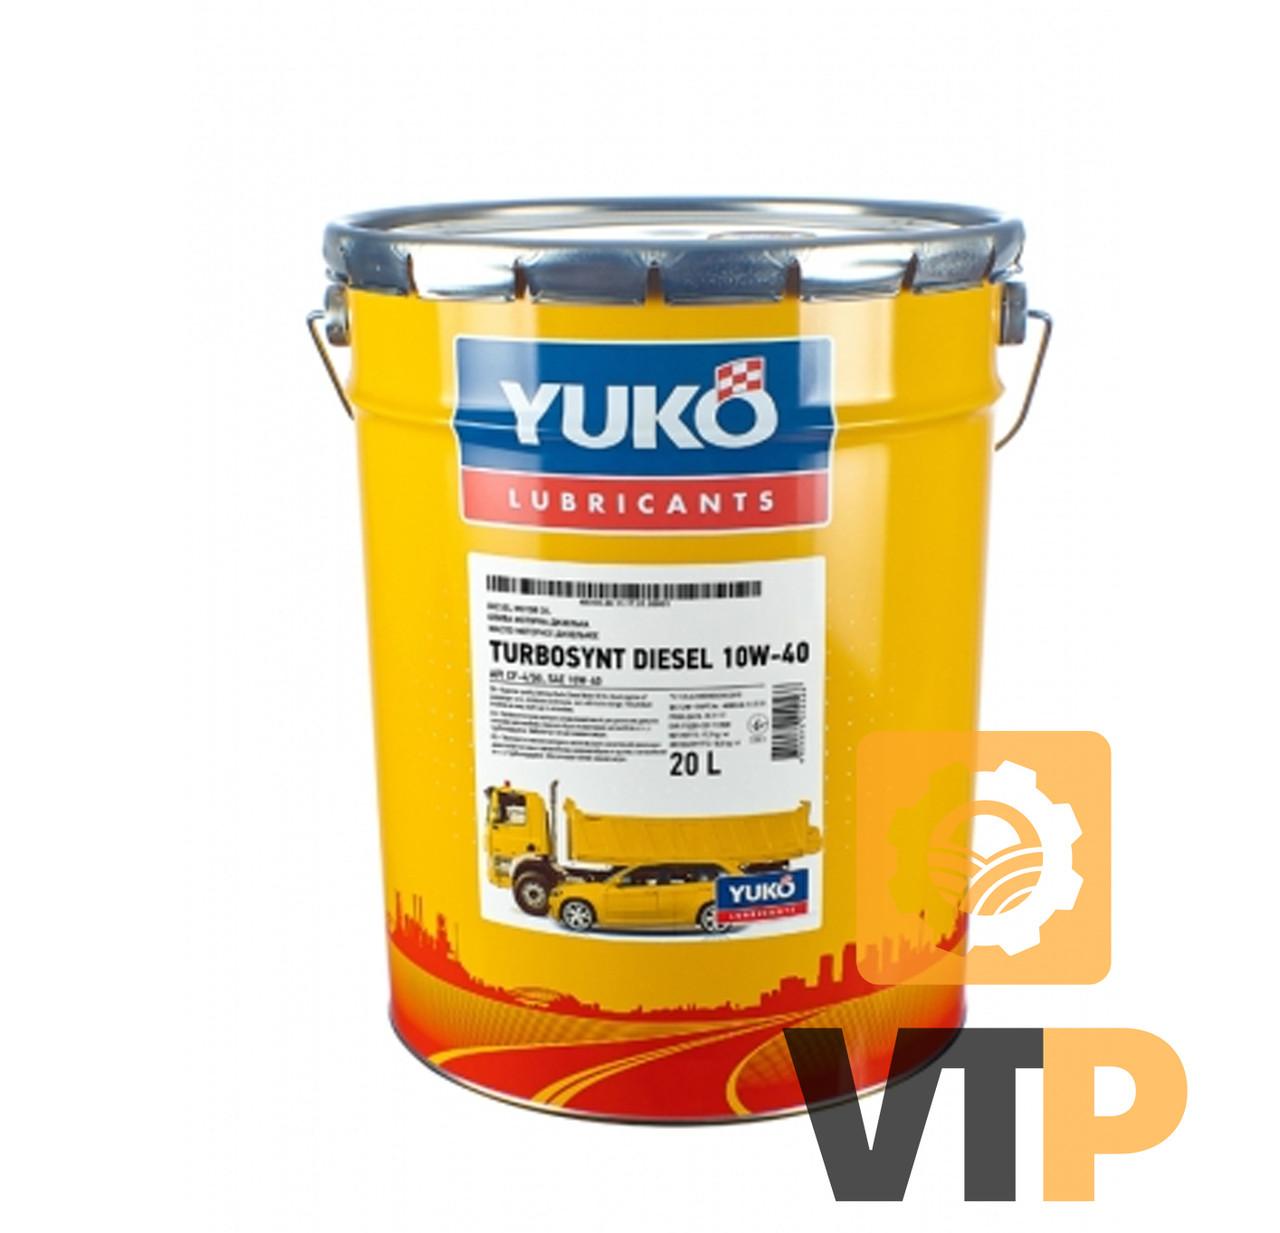 Олива моторна YUKO TURBOSYNT DIESEL 10W-40 API CF-4/SG 17,5 кг відро 20л жерсть